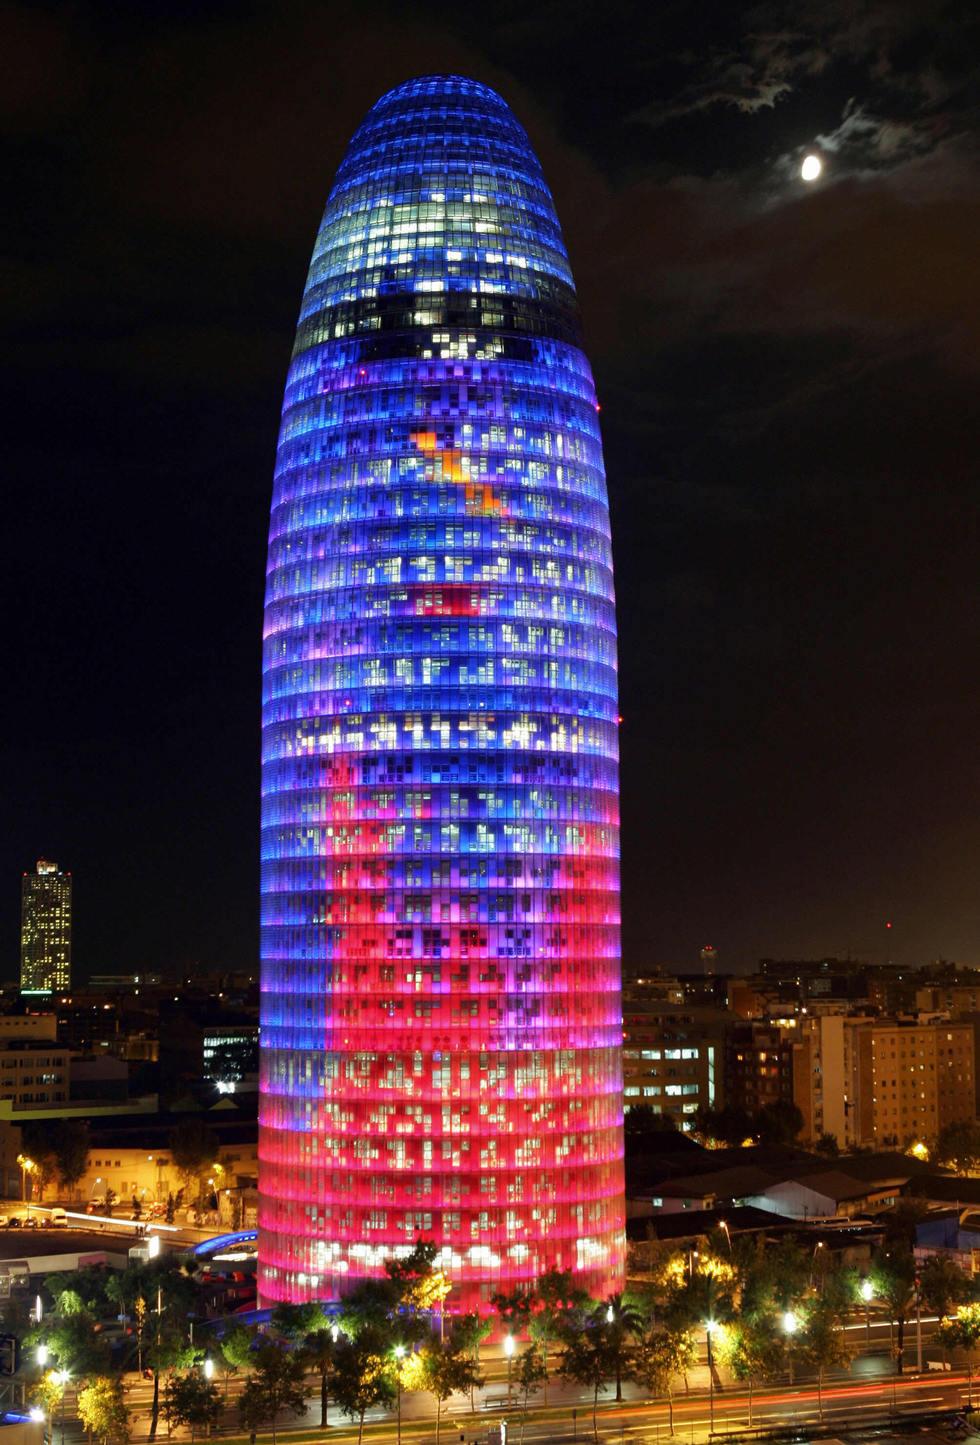 MOON NIGHT Torre-agbar